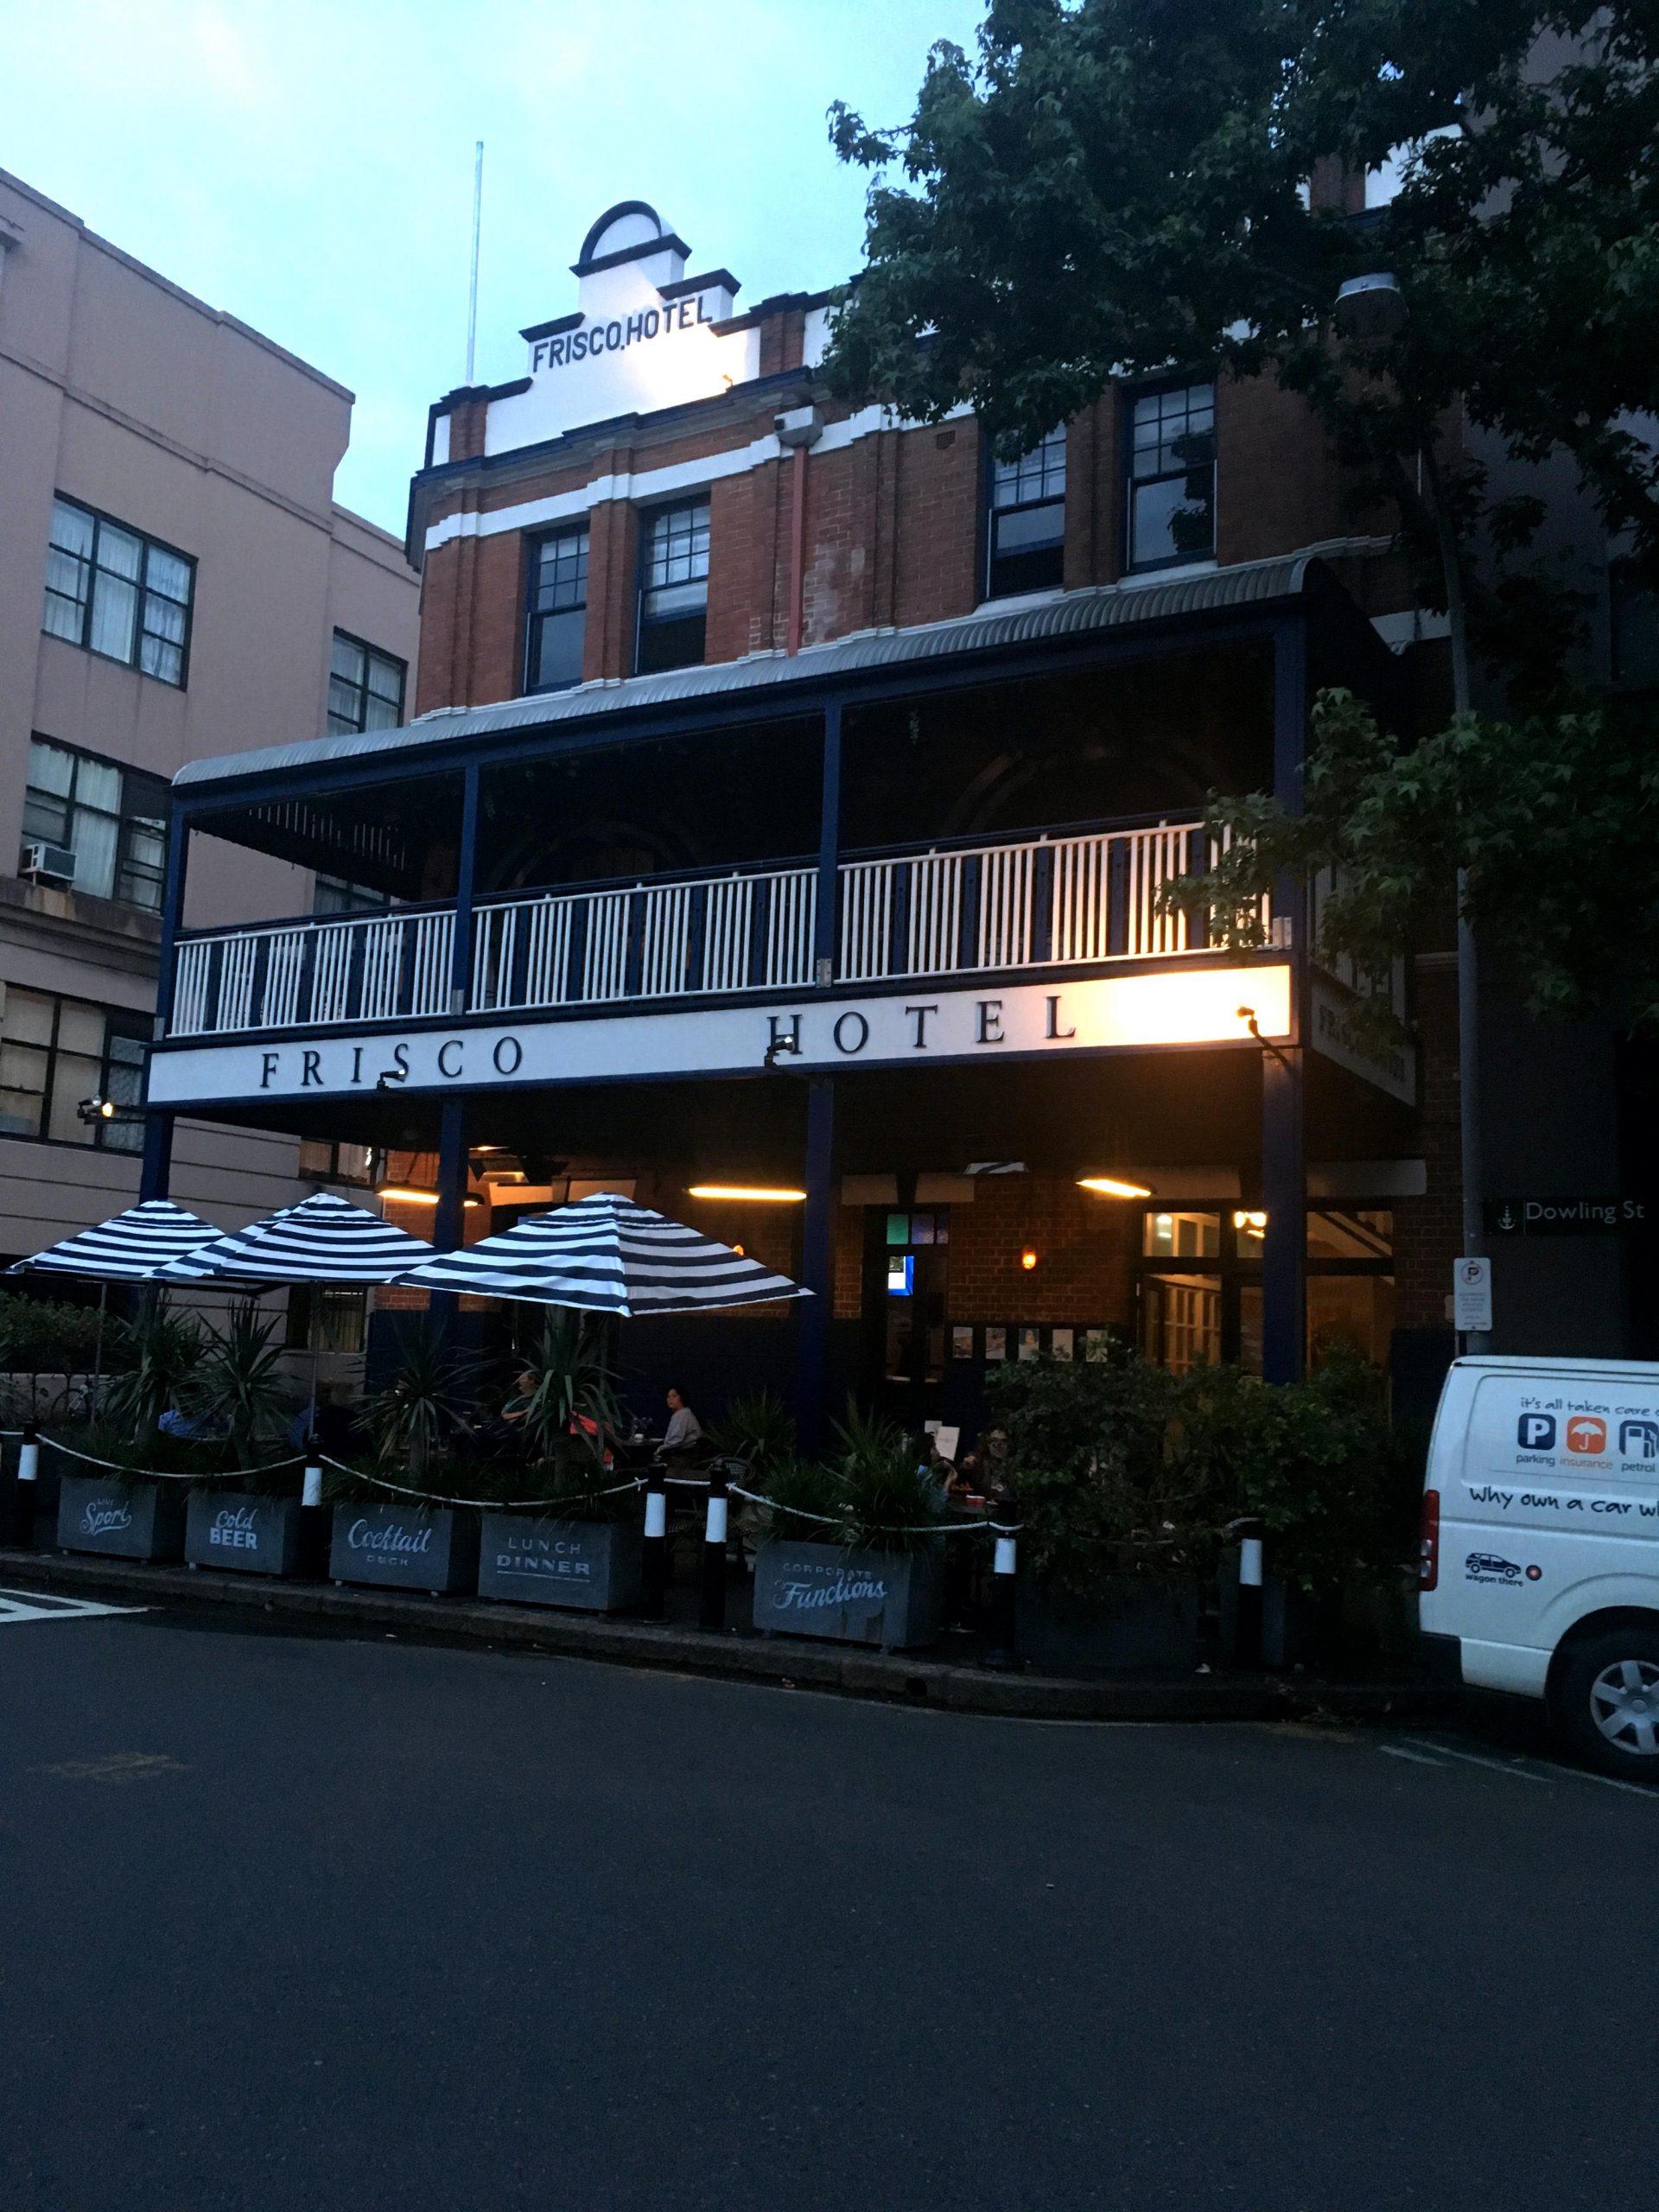 frisco hotel facade in dowling street, woolloomooloo